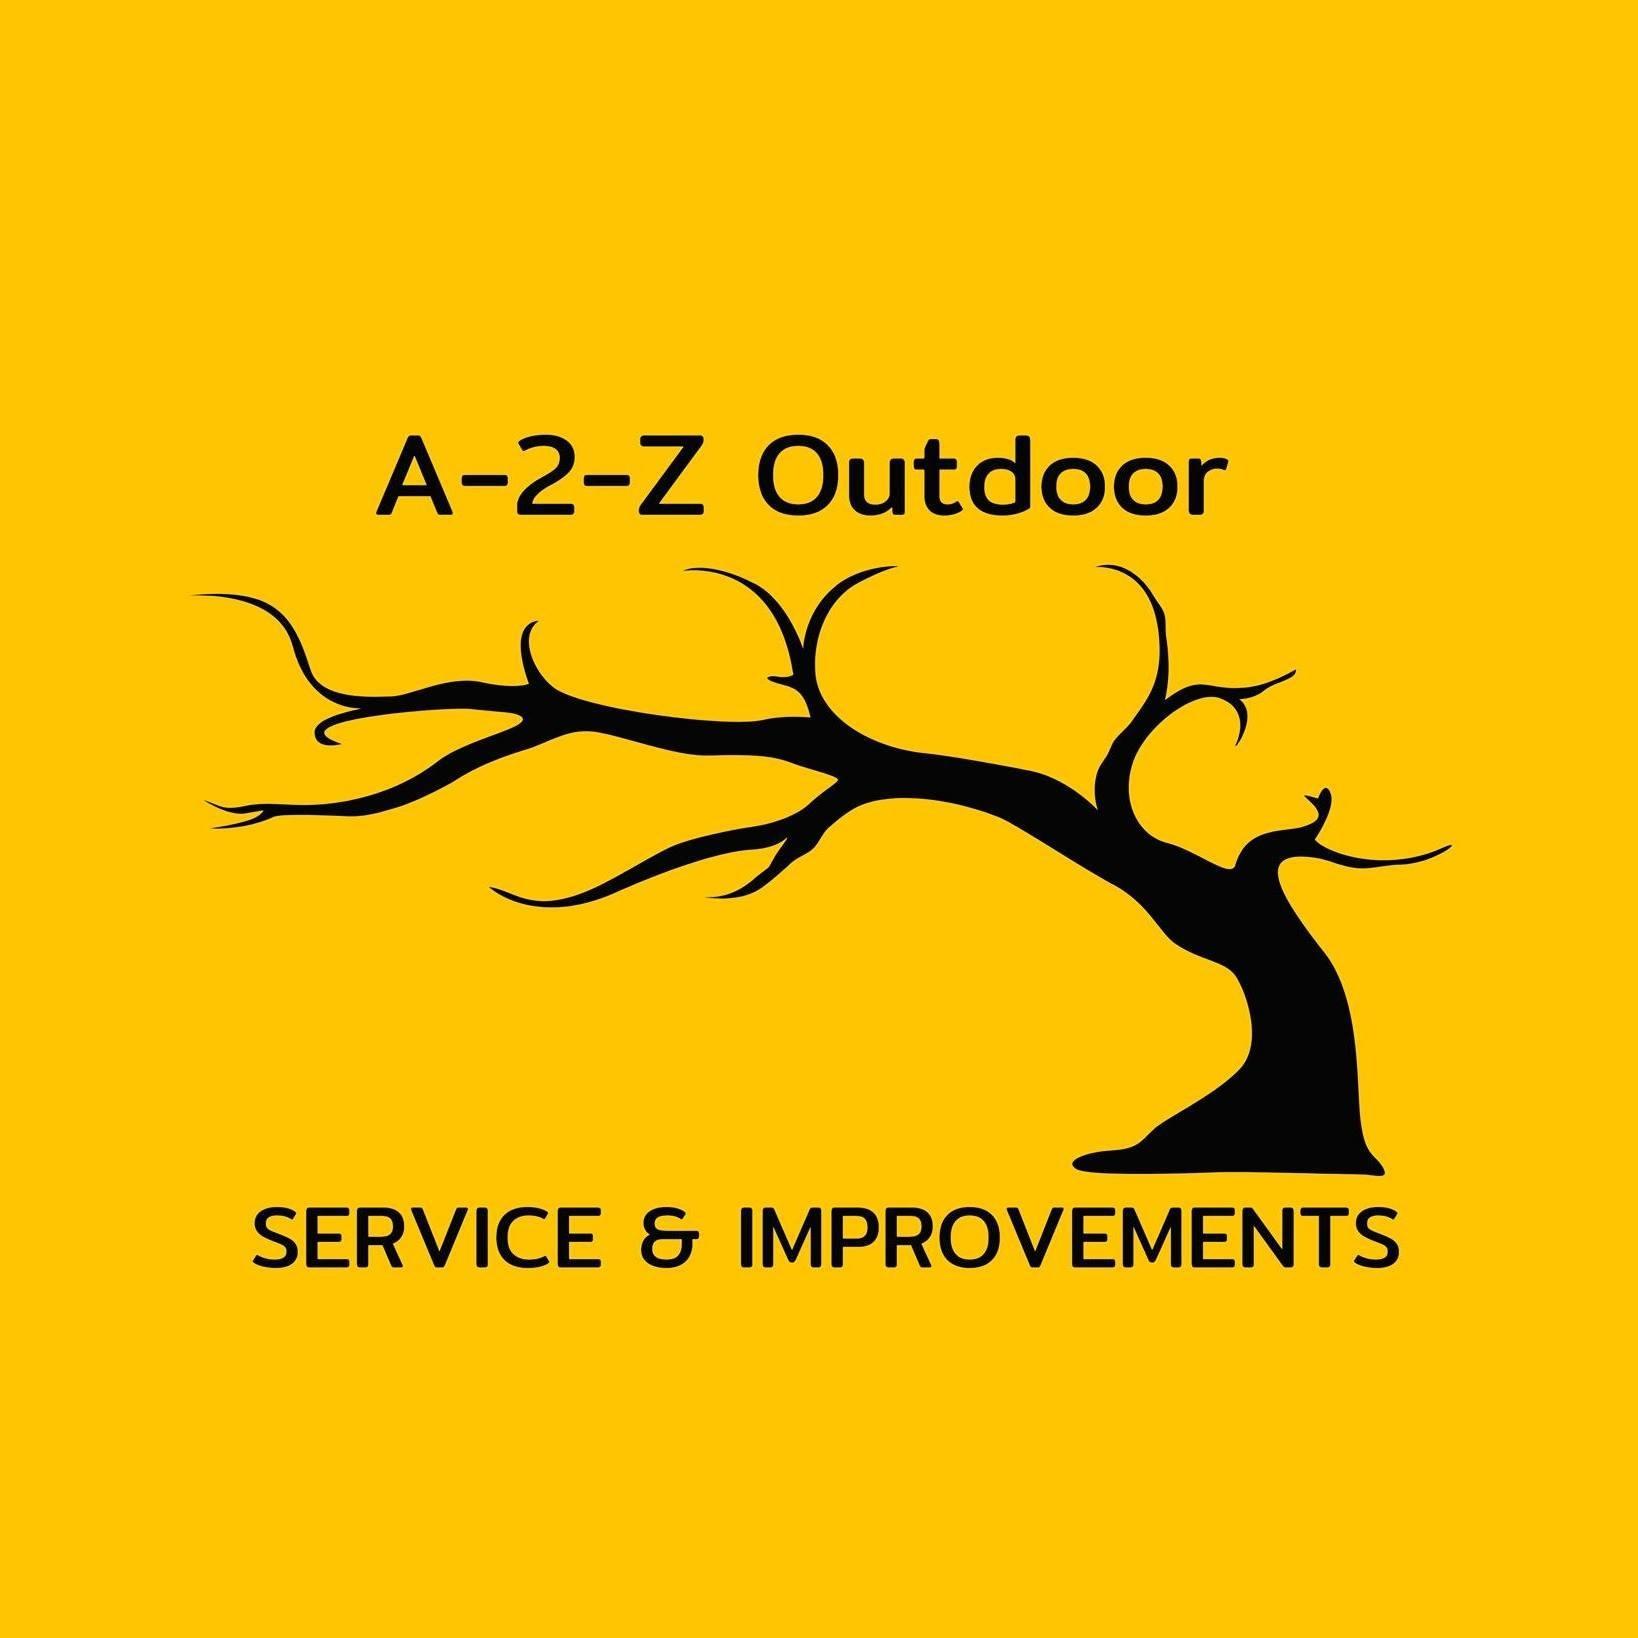 A-2-Z Outdoor Services & Improvements Logo